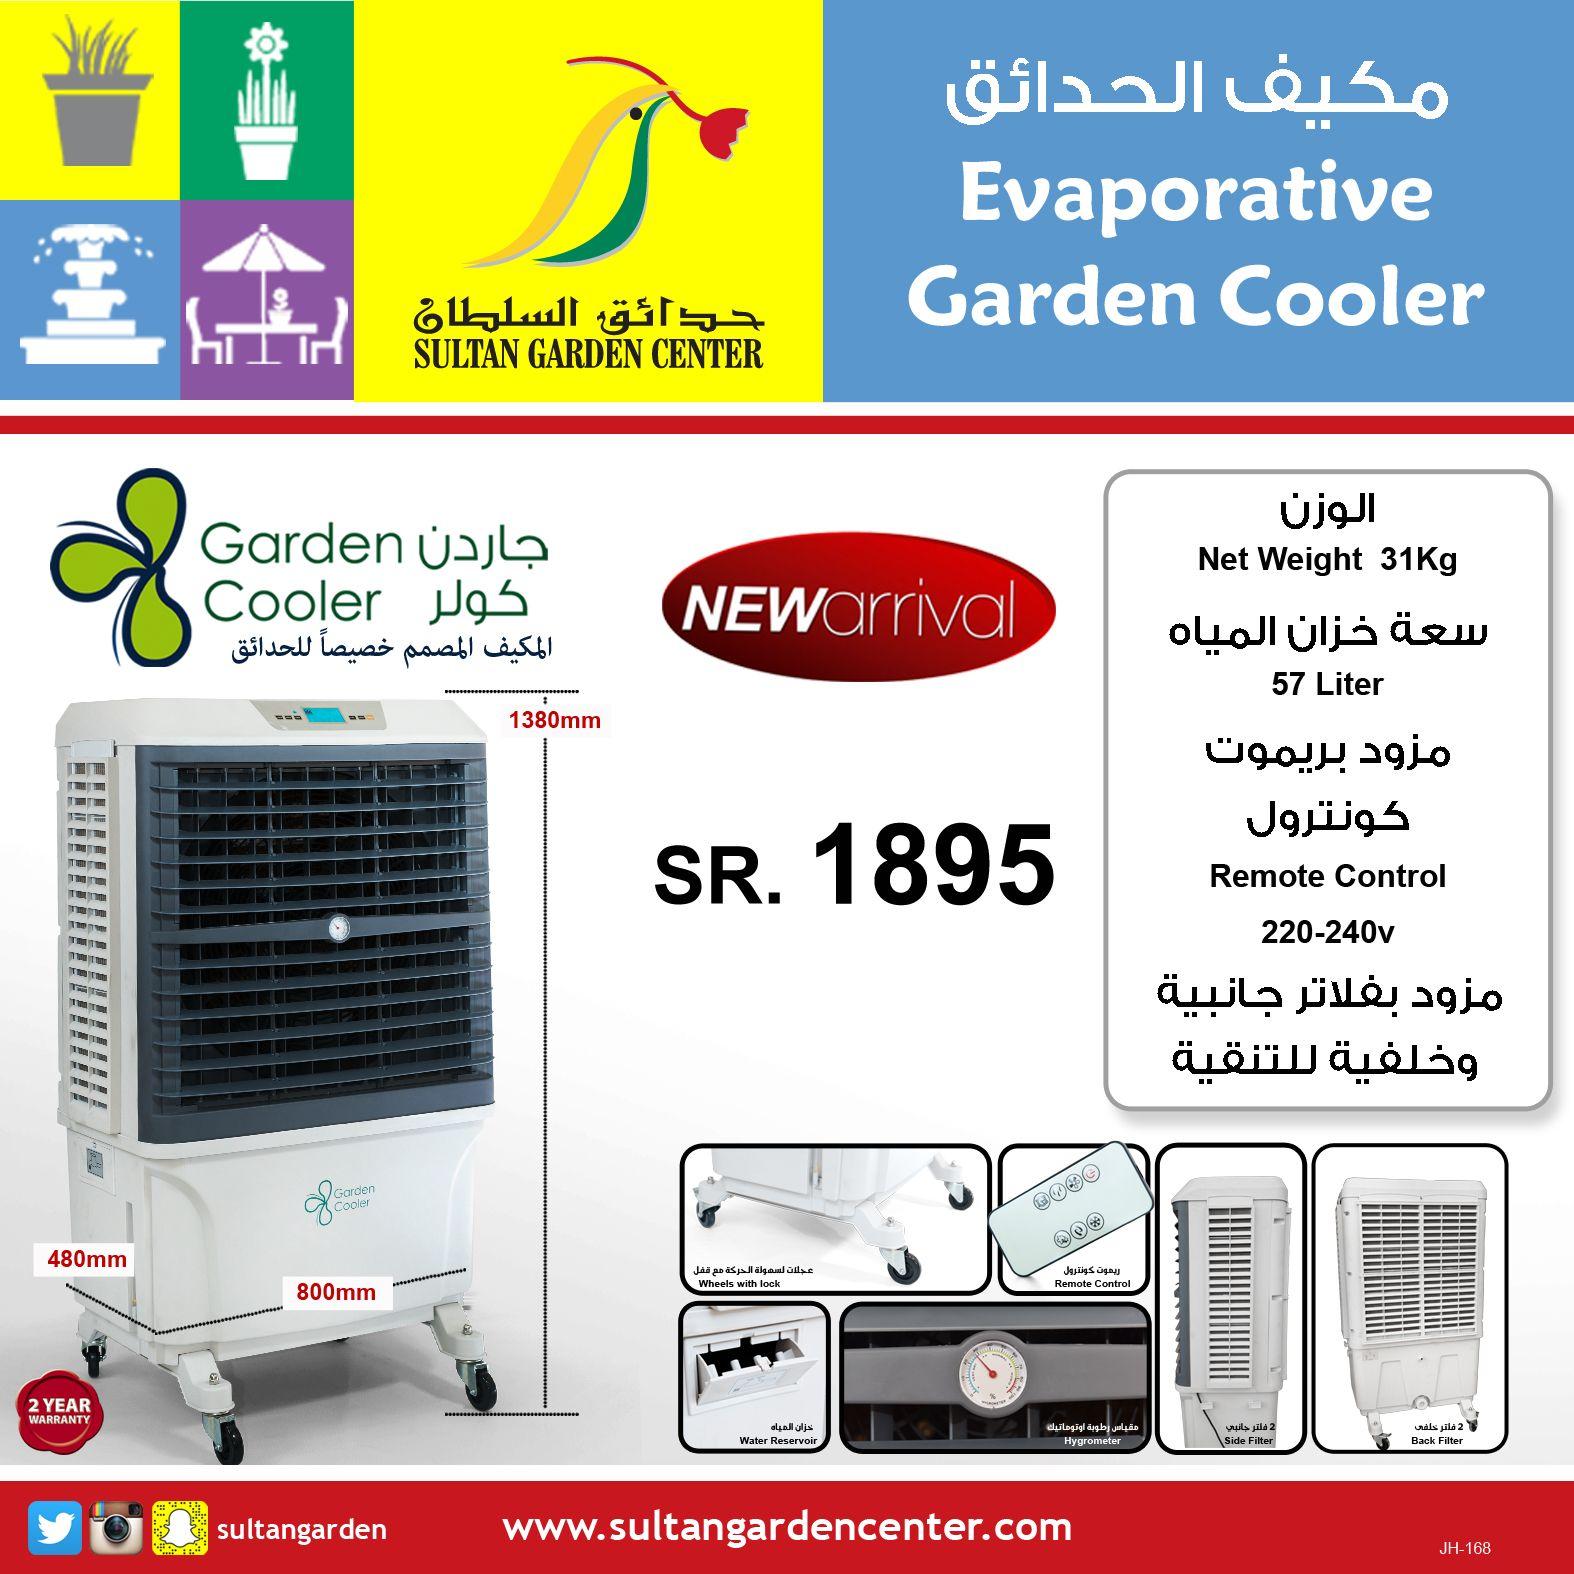 New Garden Cooler From Sultan Garden مكيف الحدائق الجديد من حدائق السلطان Remote Control Remote Home Appliances